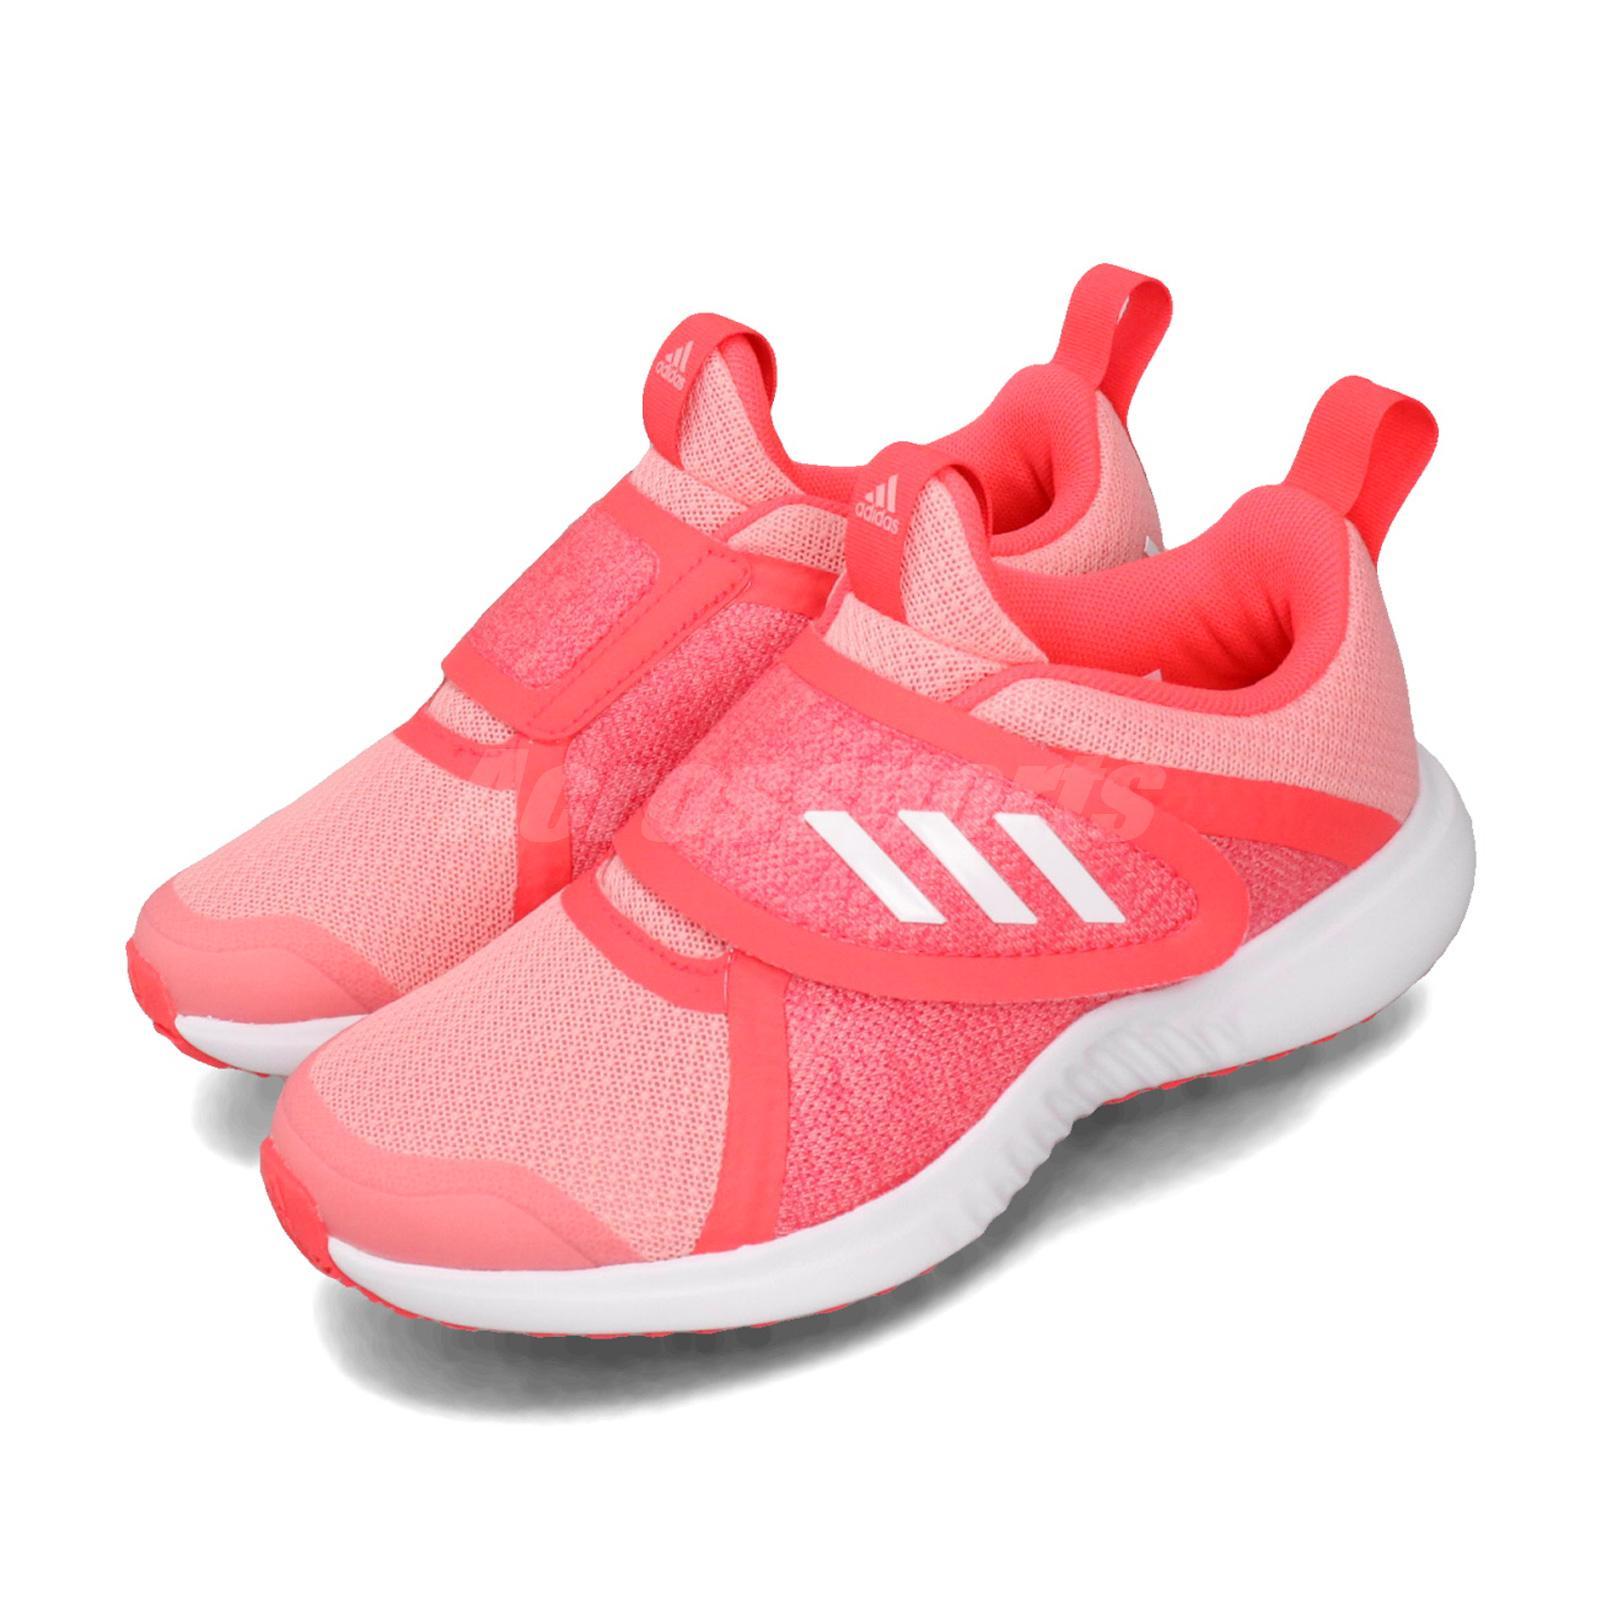 adidas FortaRun X CF K Pink White Kid